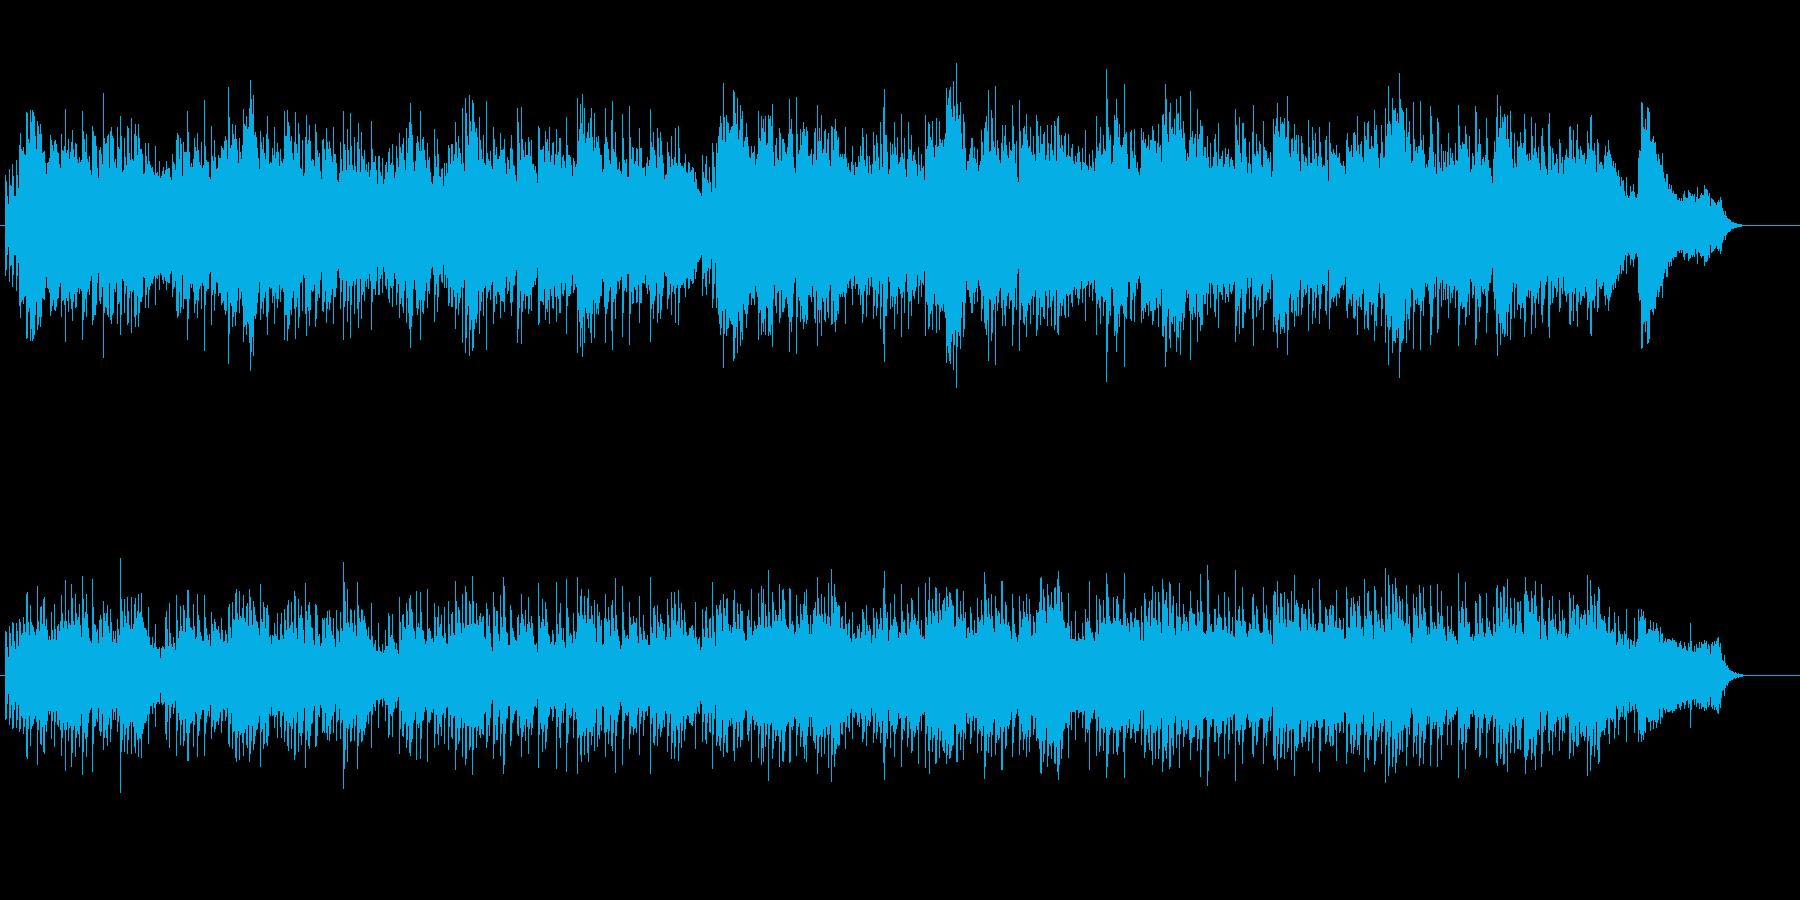 スウィートでウォームなバラードの再生済みの波形